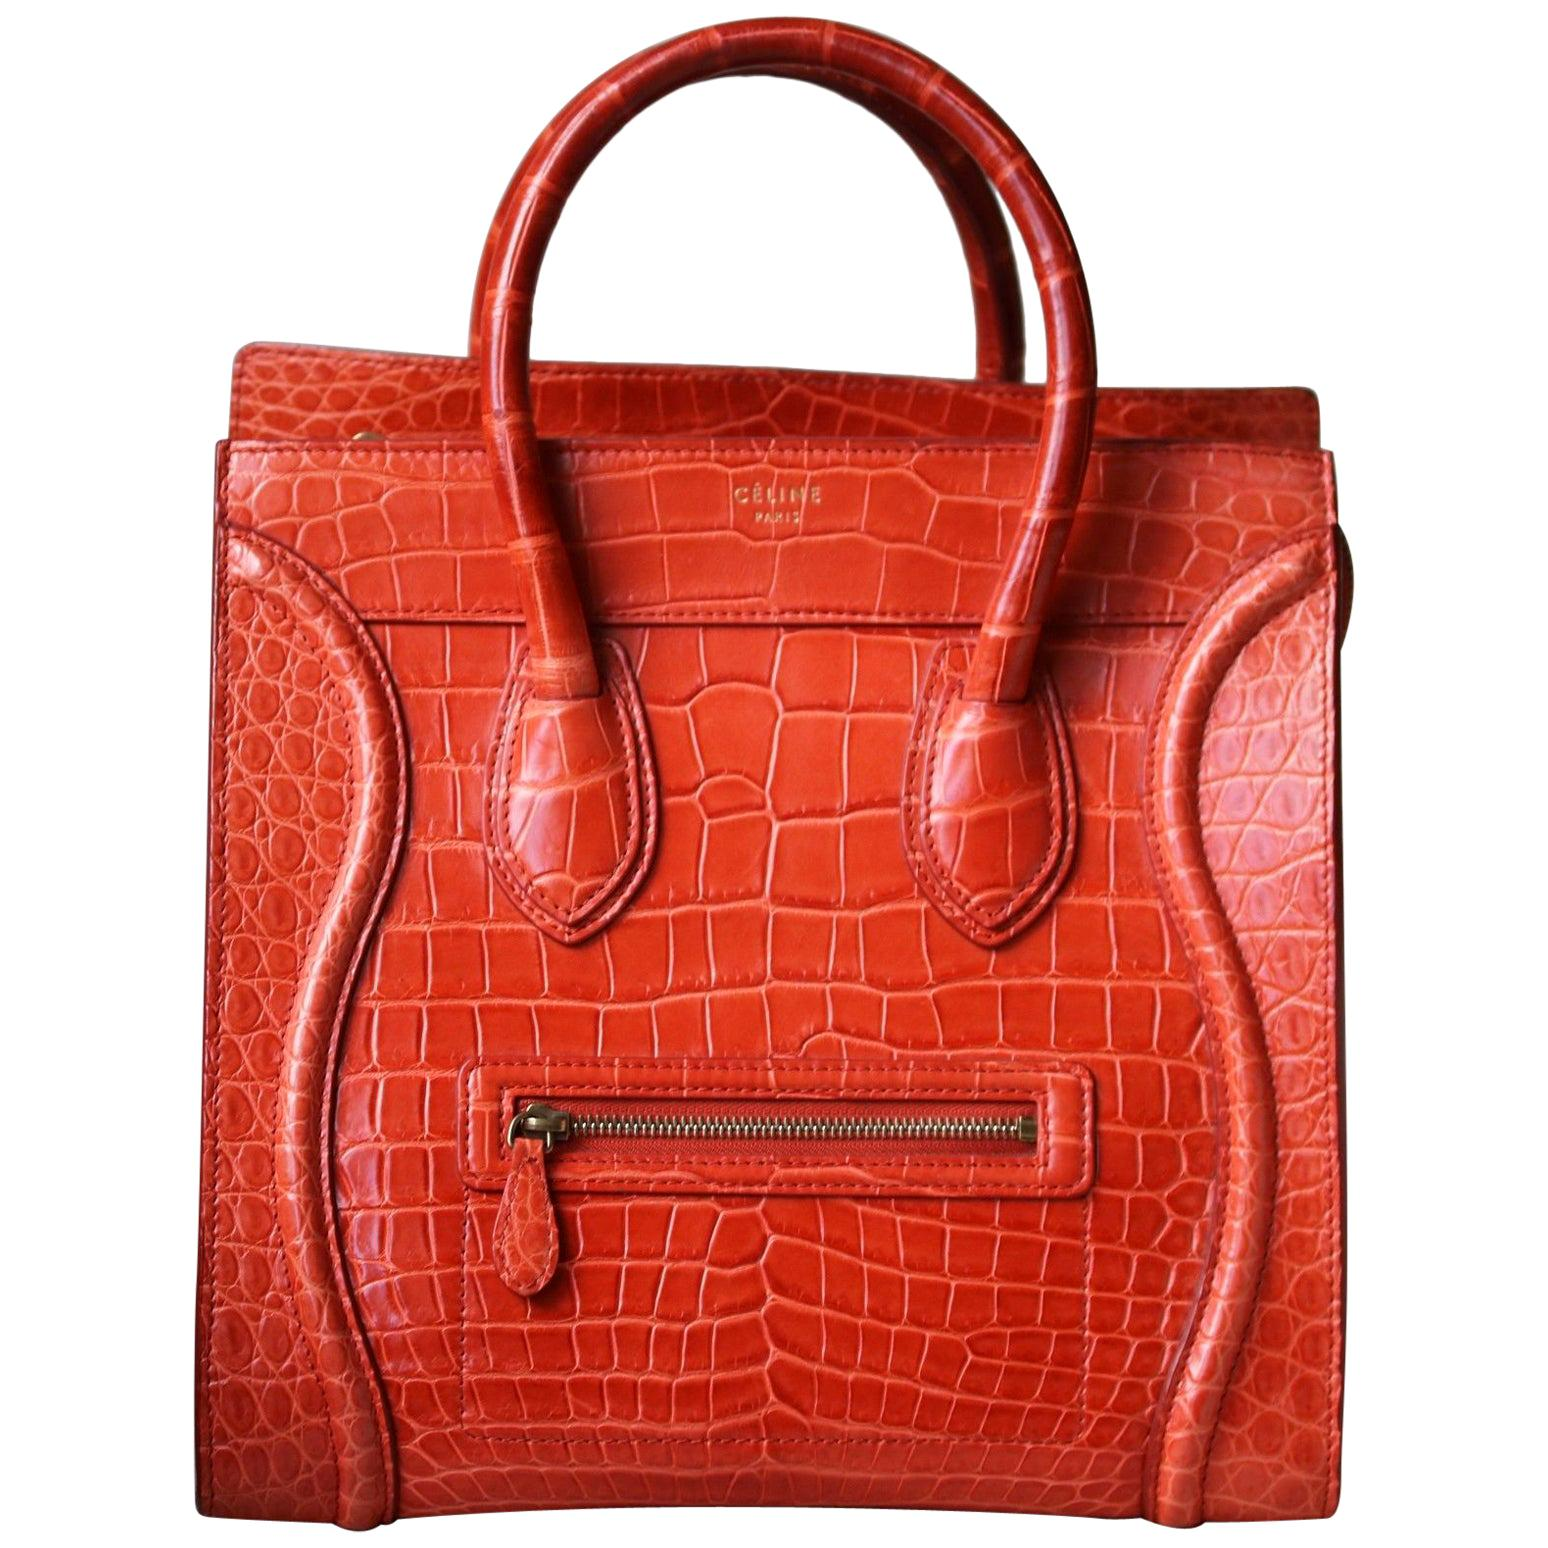 Céline Orange Crocodile Luggage Bag With Gold H/W